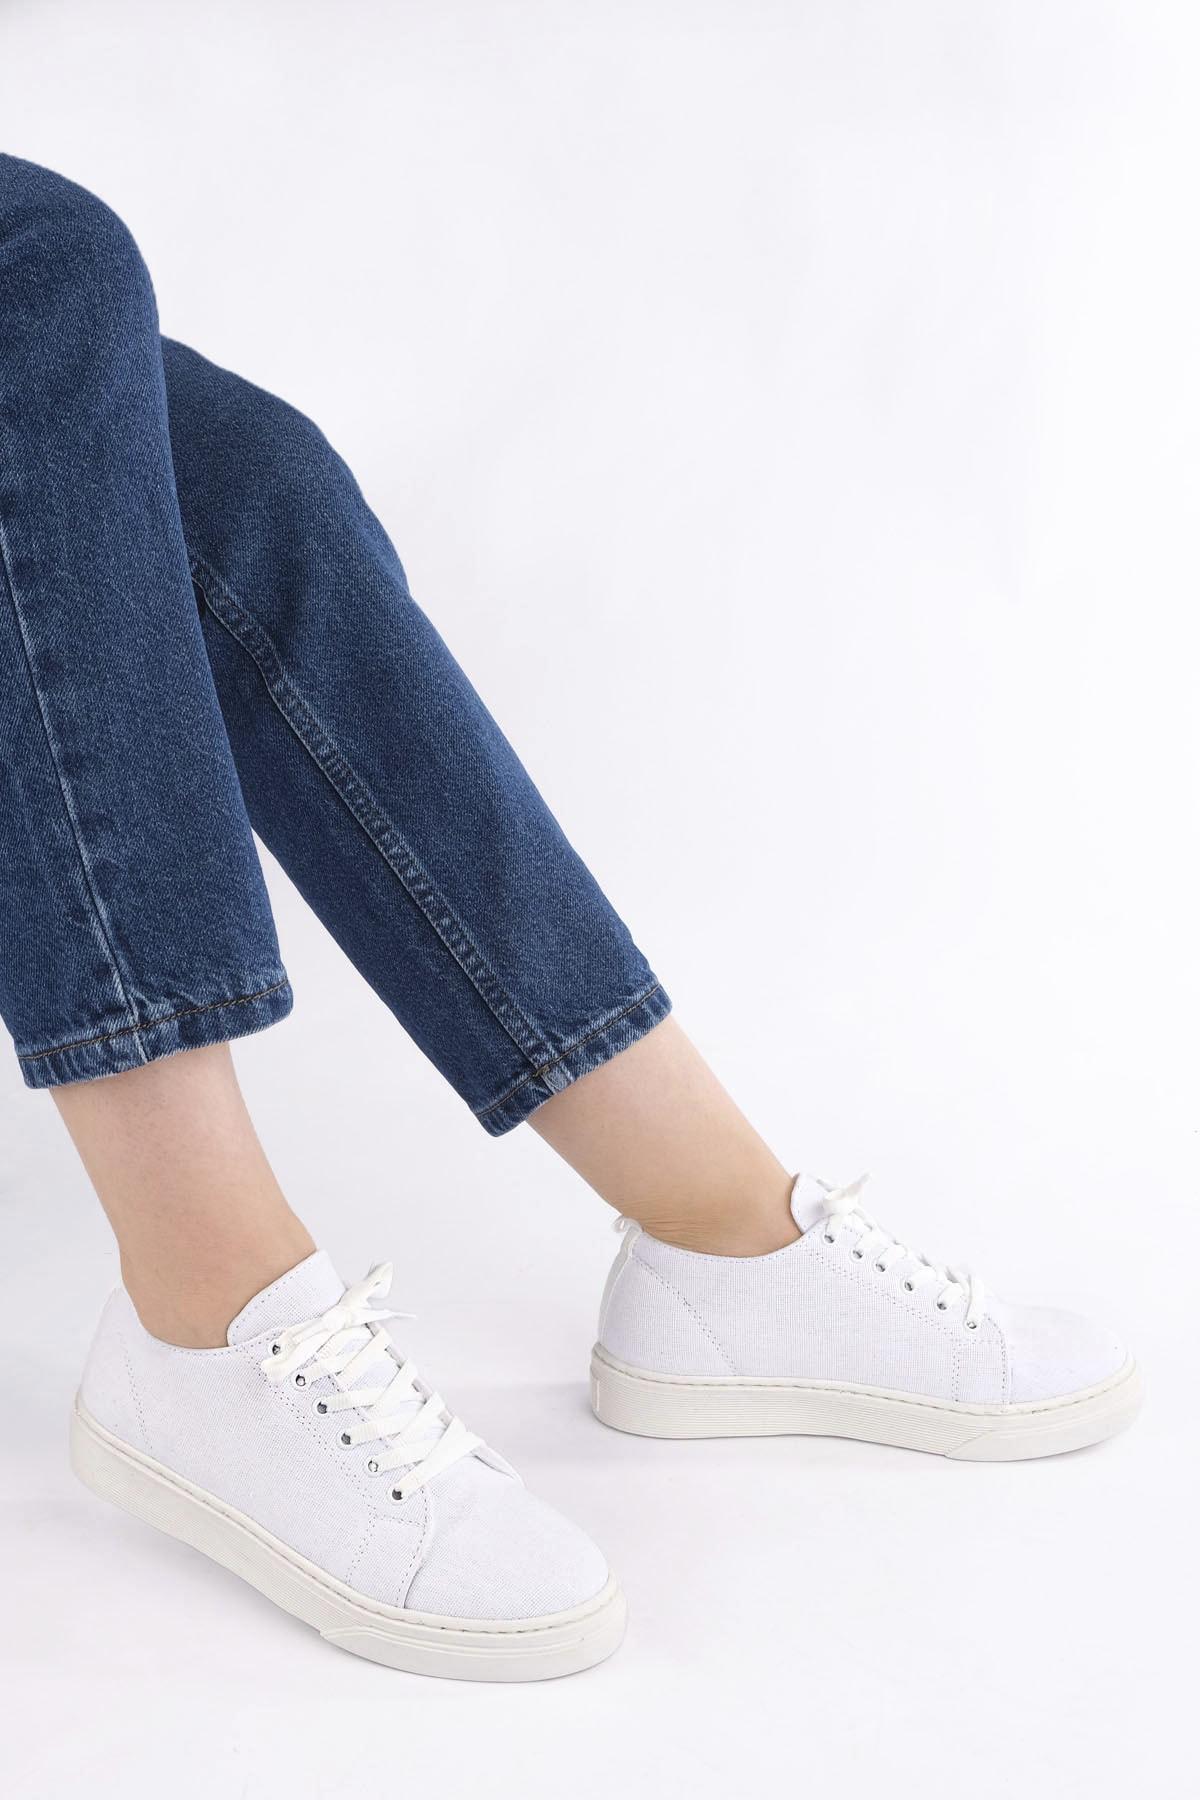 Marjin Kadın Sneaker Keten Spor Ayakkabı RulazBeyaz 1